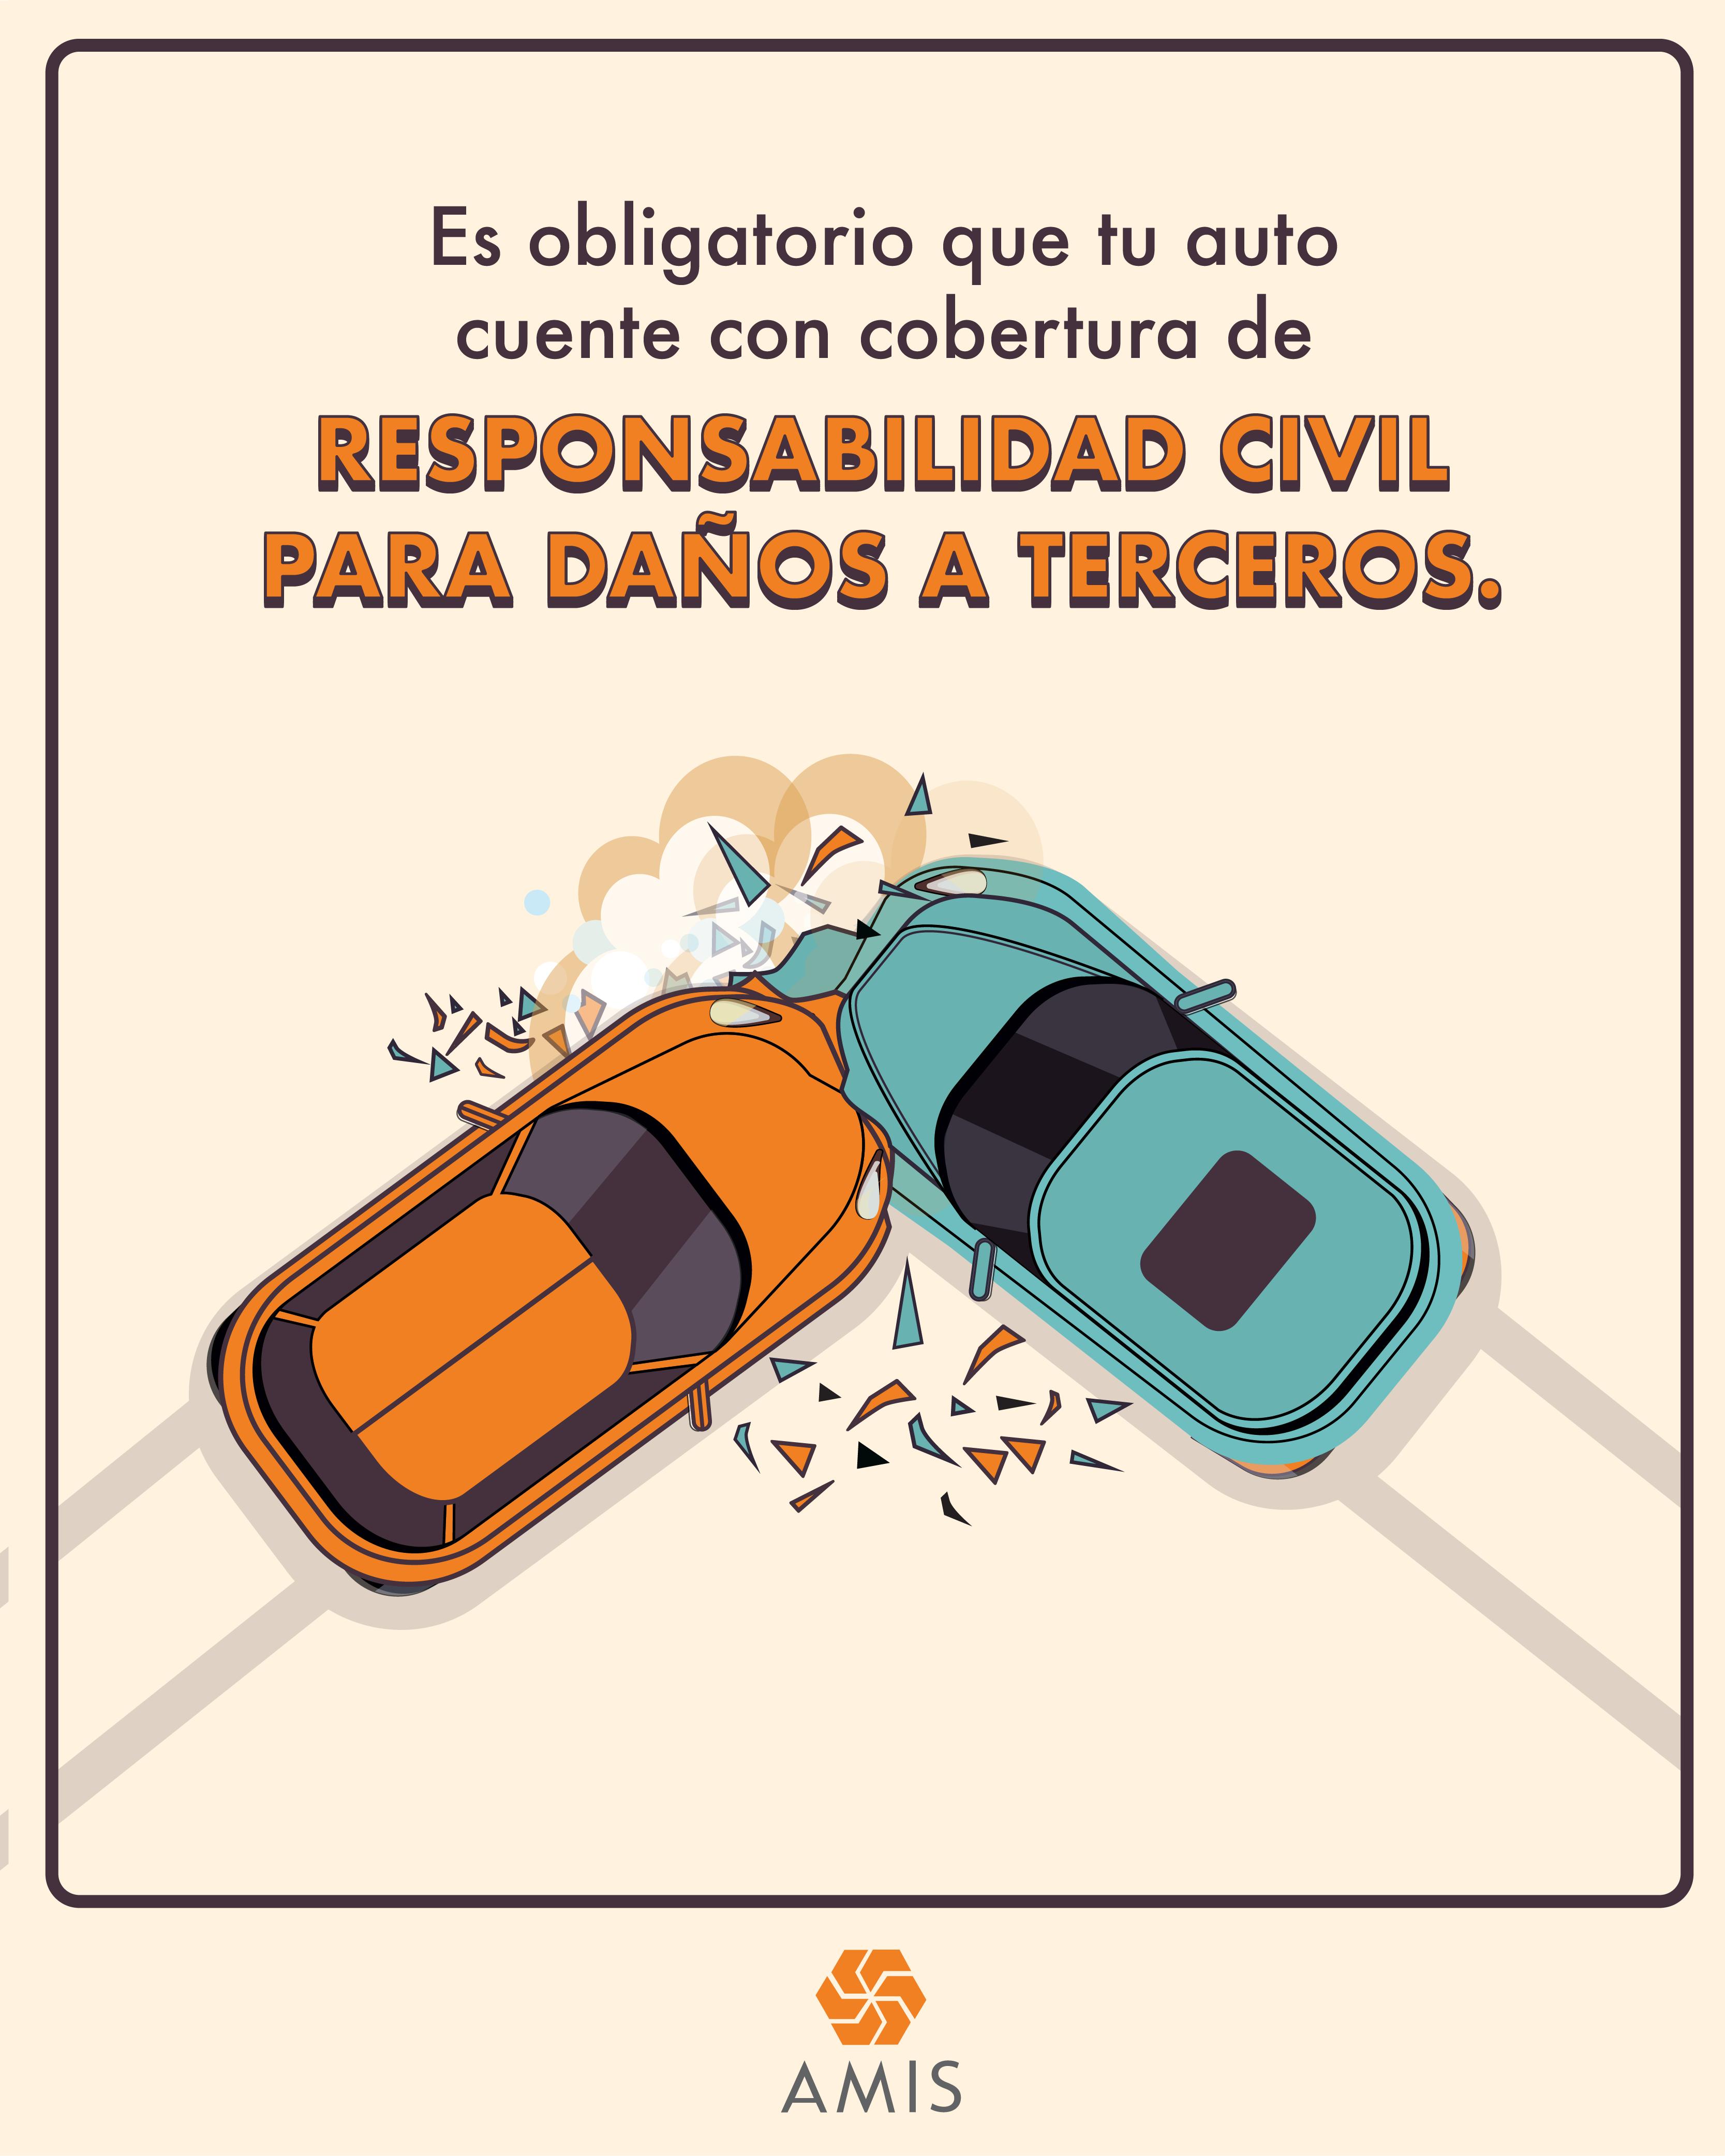 Más vale auto asegurado que auto robado